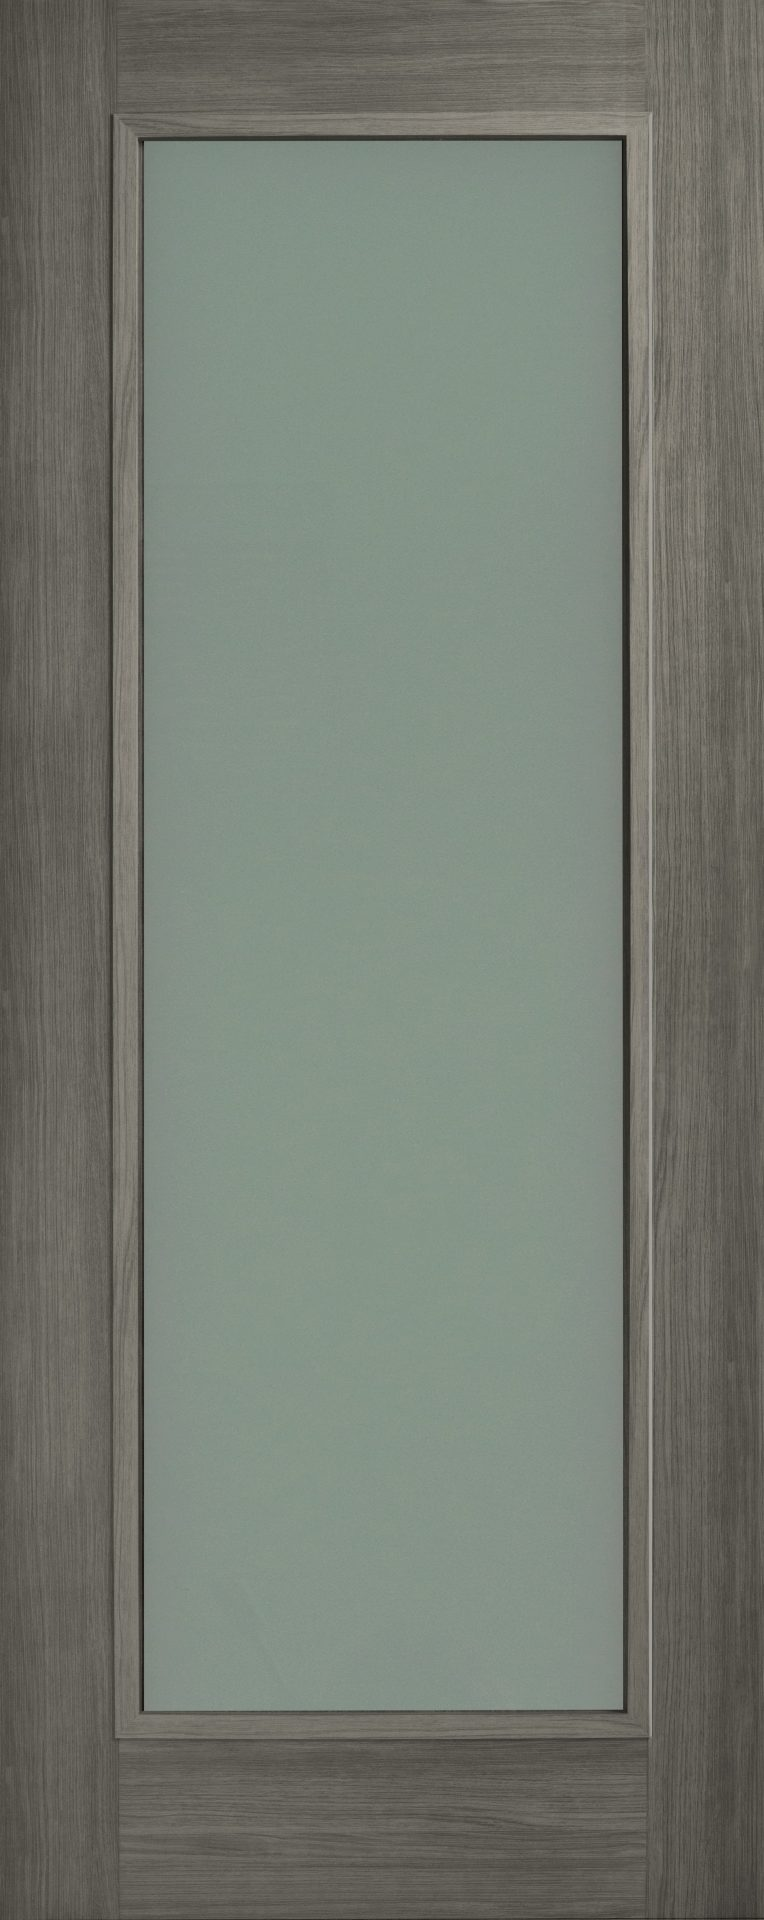 Daiken grey 1 lite opal laminate